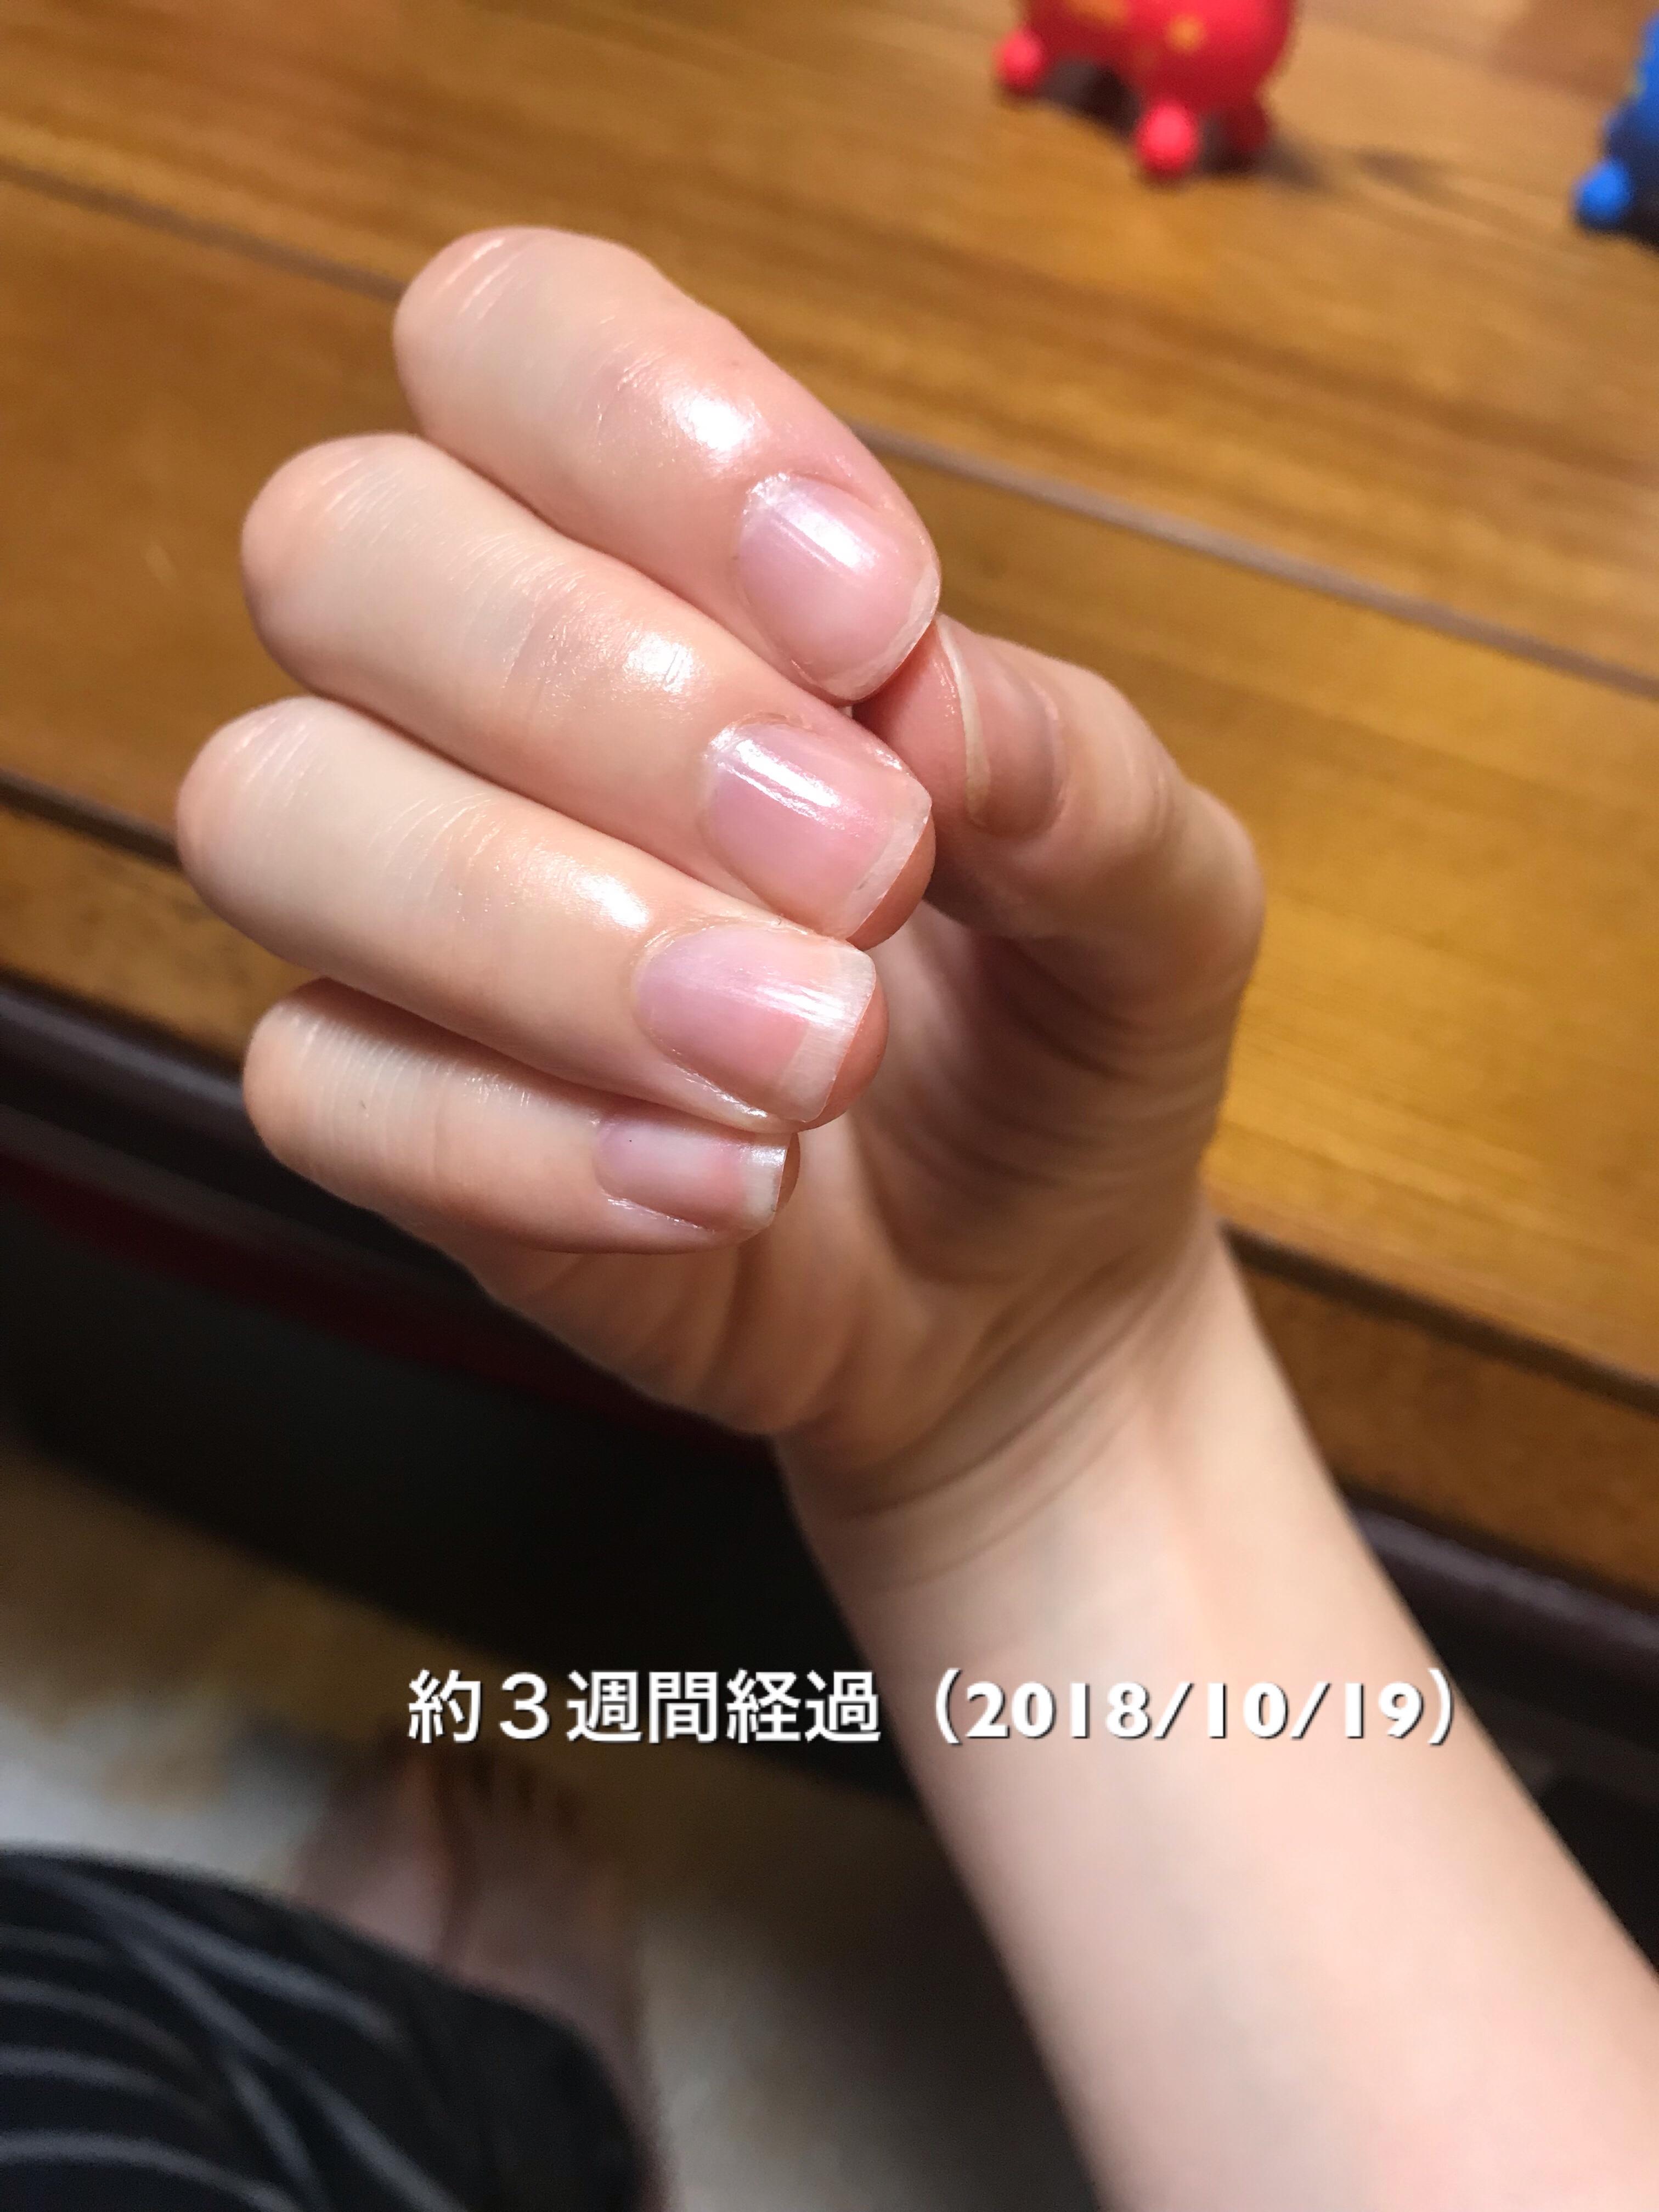 マニキュアなしの素爪です。爪の割れ欠け防止のために、保湿に取り組んできた成果か、光沢が感じられるようになりました。また、爪の形も心なしかスッと伸び始めてきた気が…。という写真